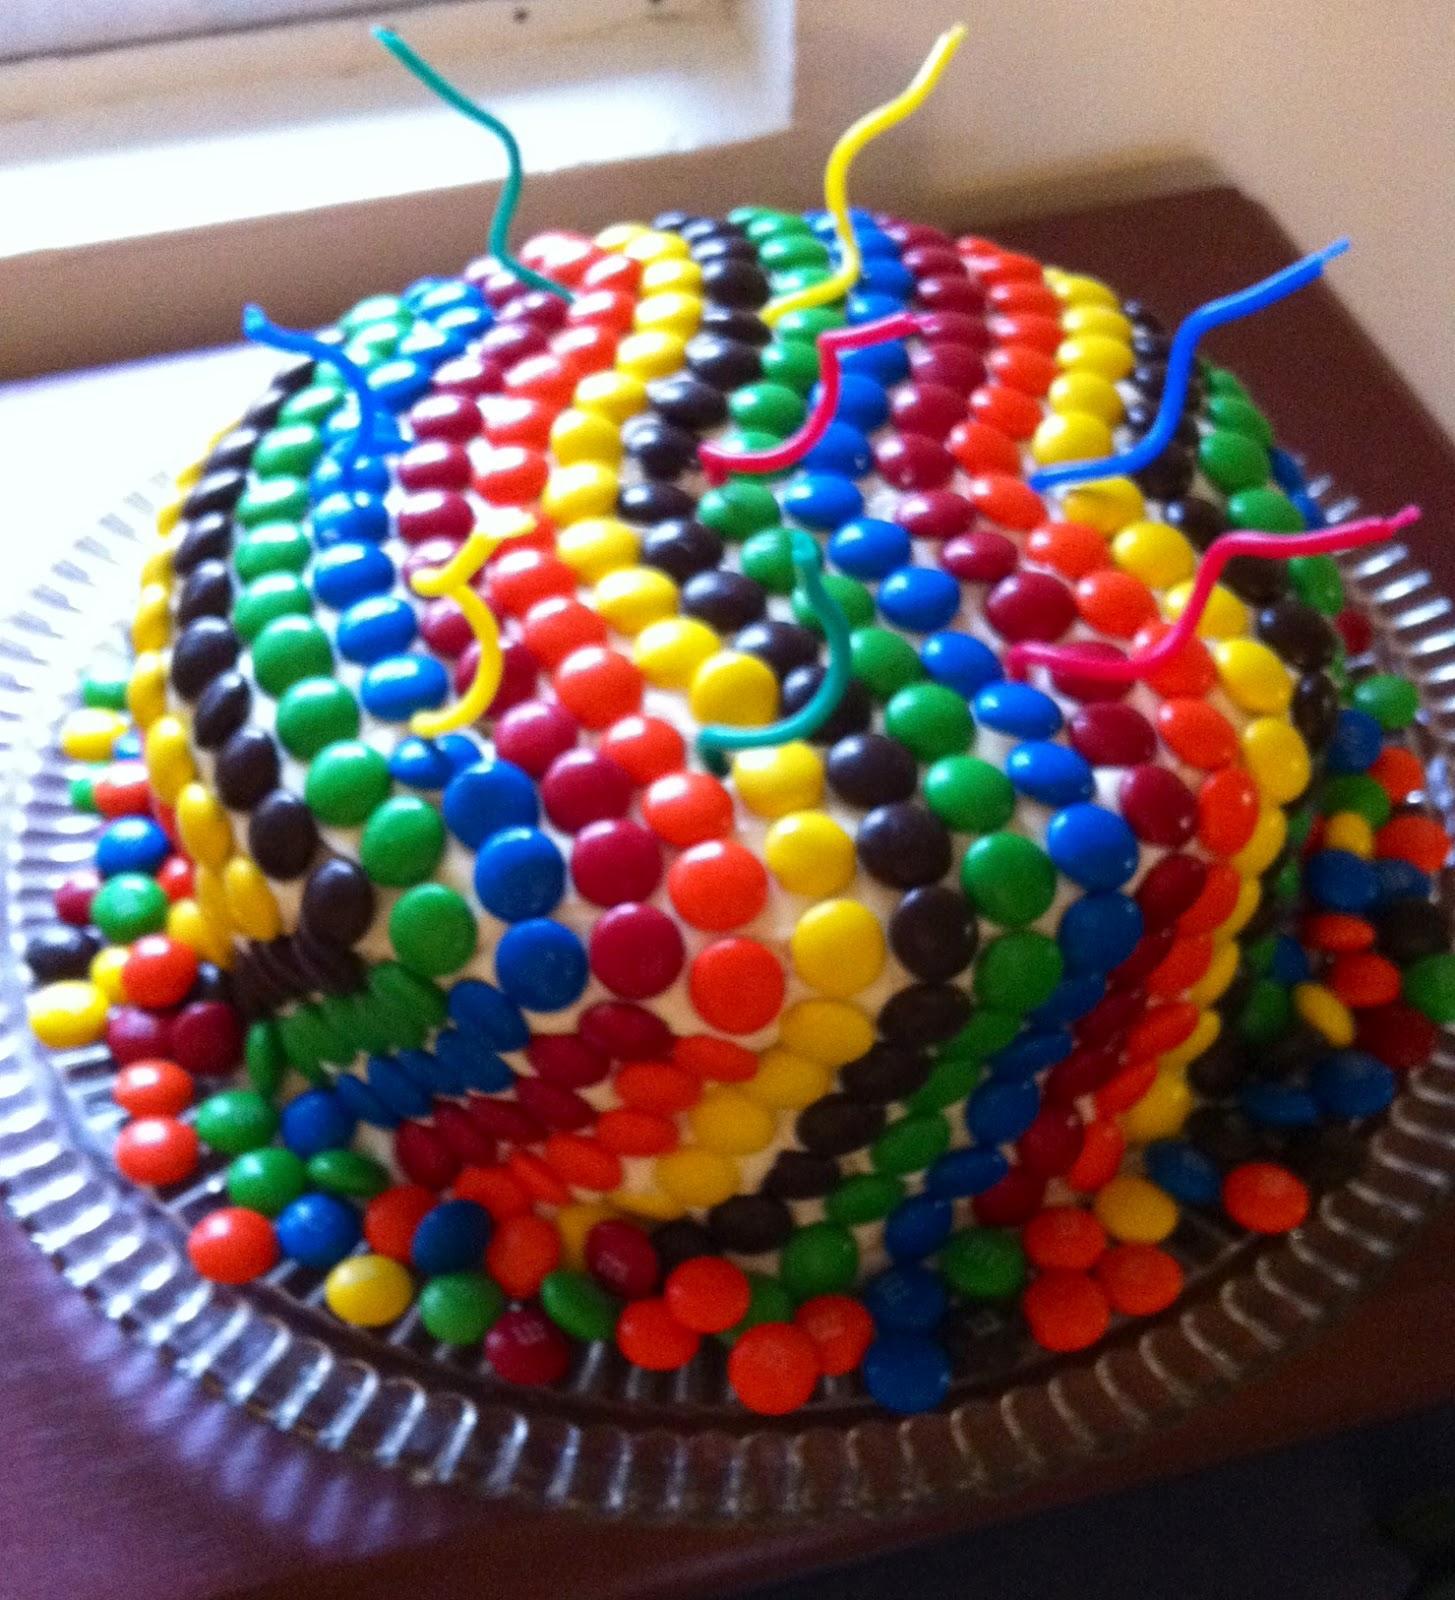 PrincessOfPinterest: Chocolate Candy Coated Cake